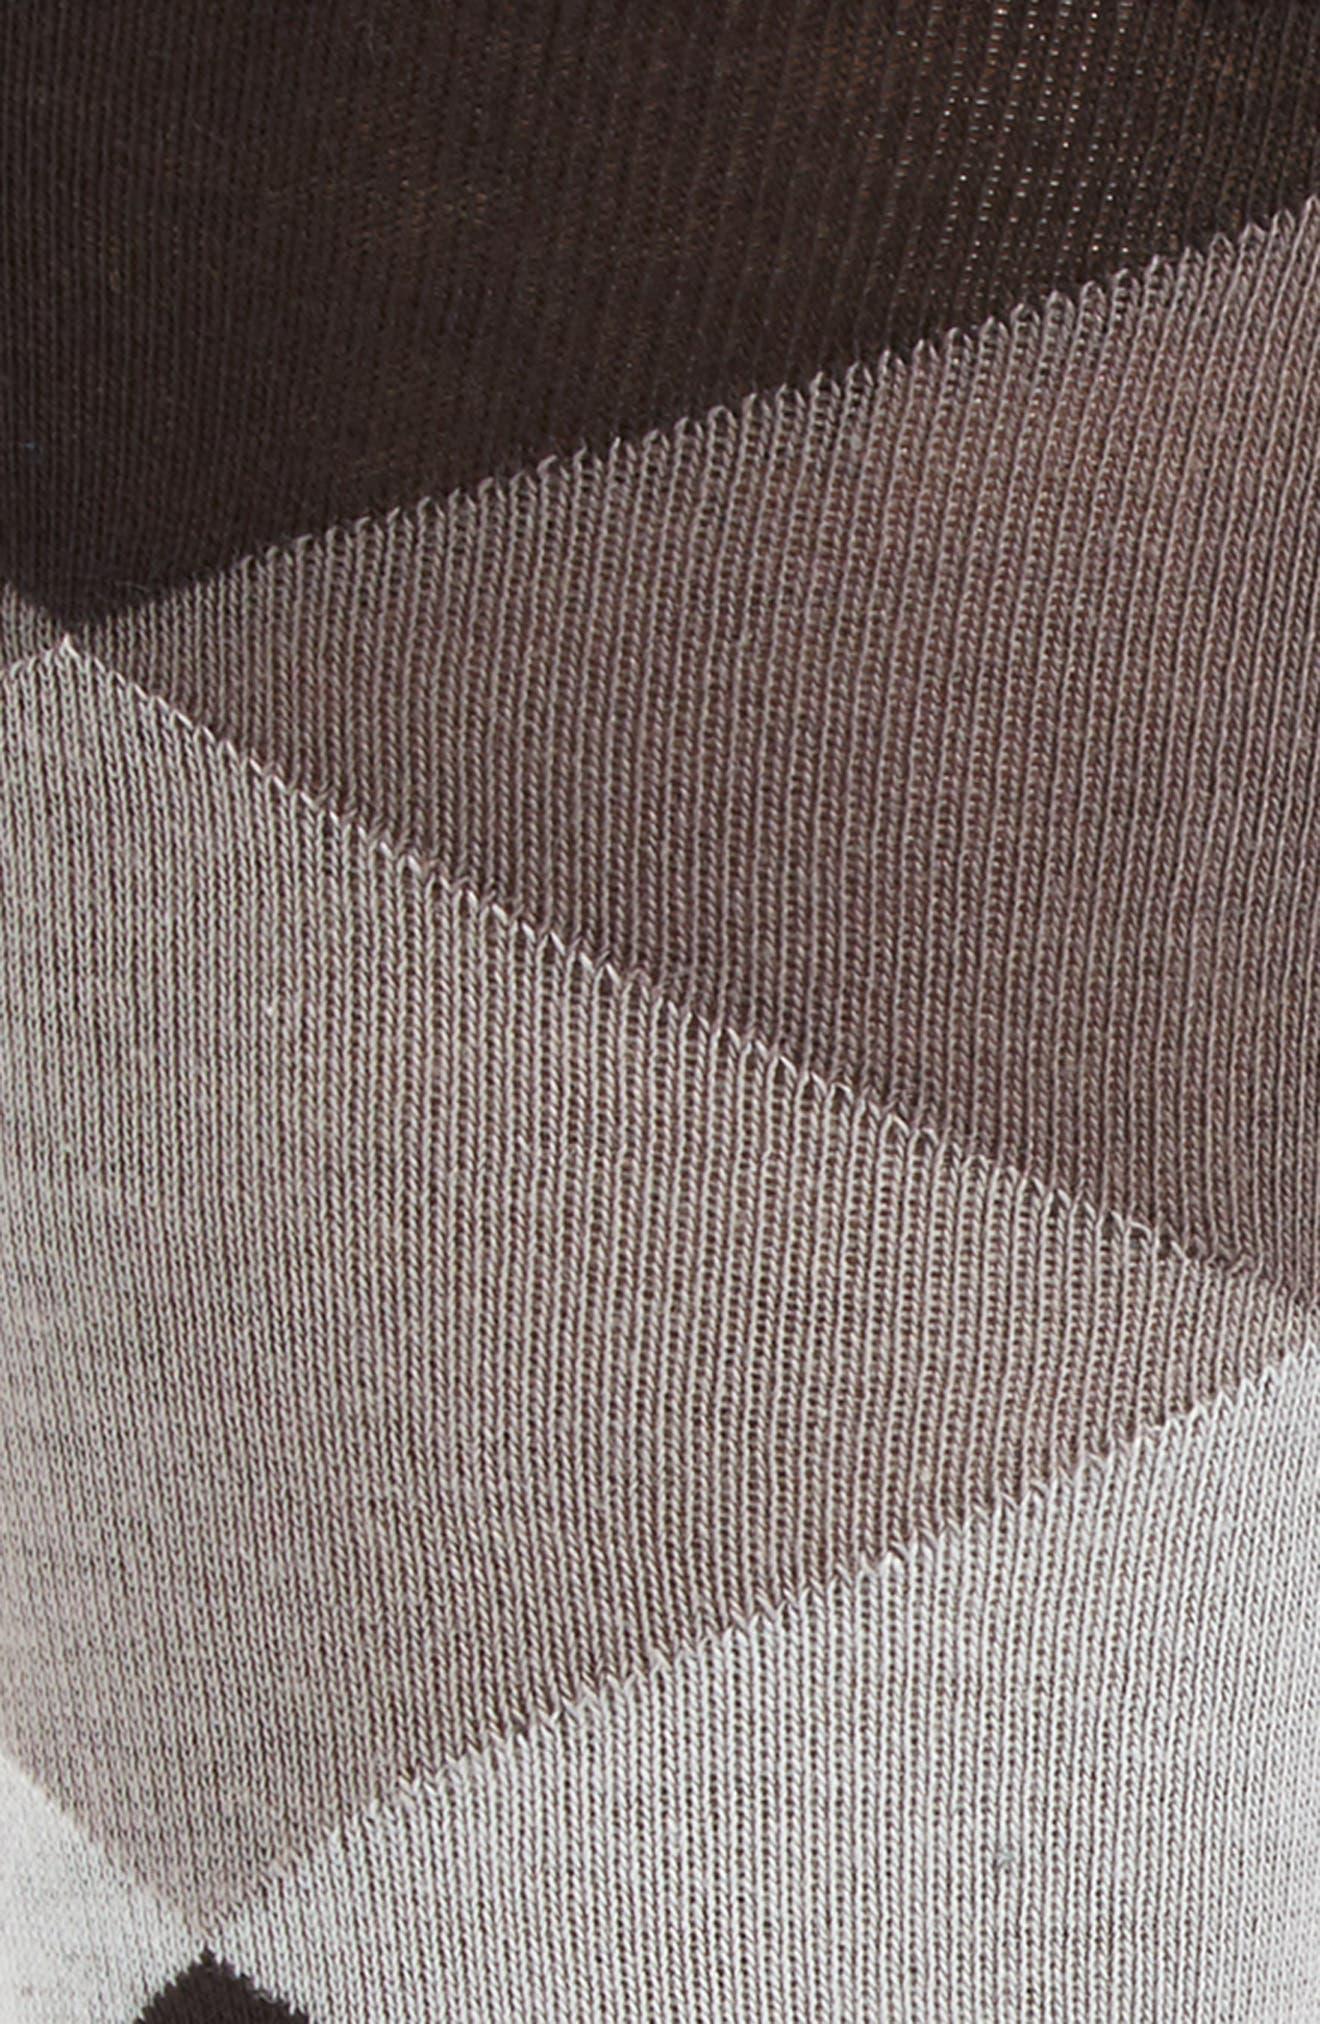 Large Diamond Crew Socks,                             Alternate thumbnail 3, color,                             BLACK